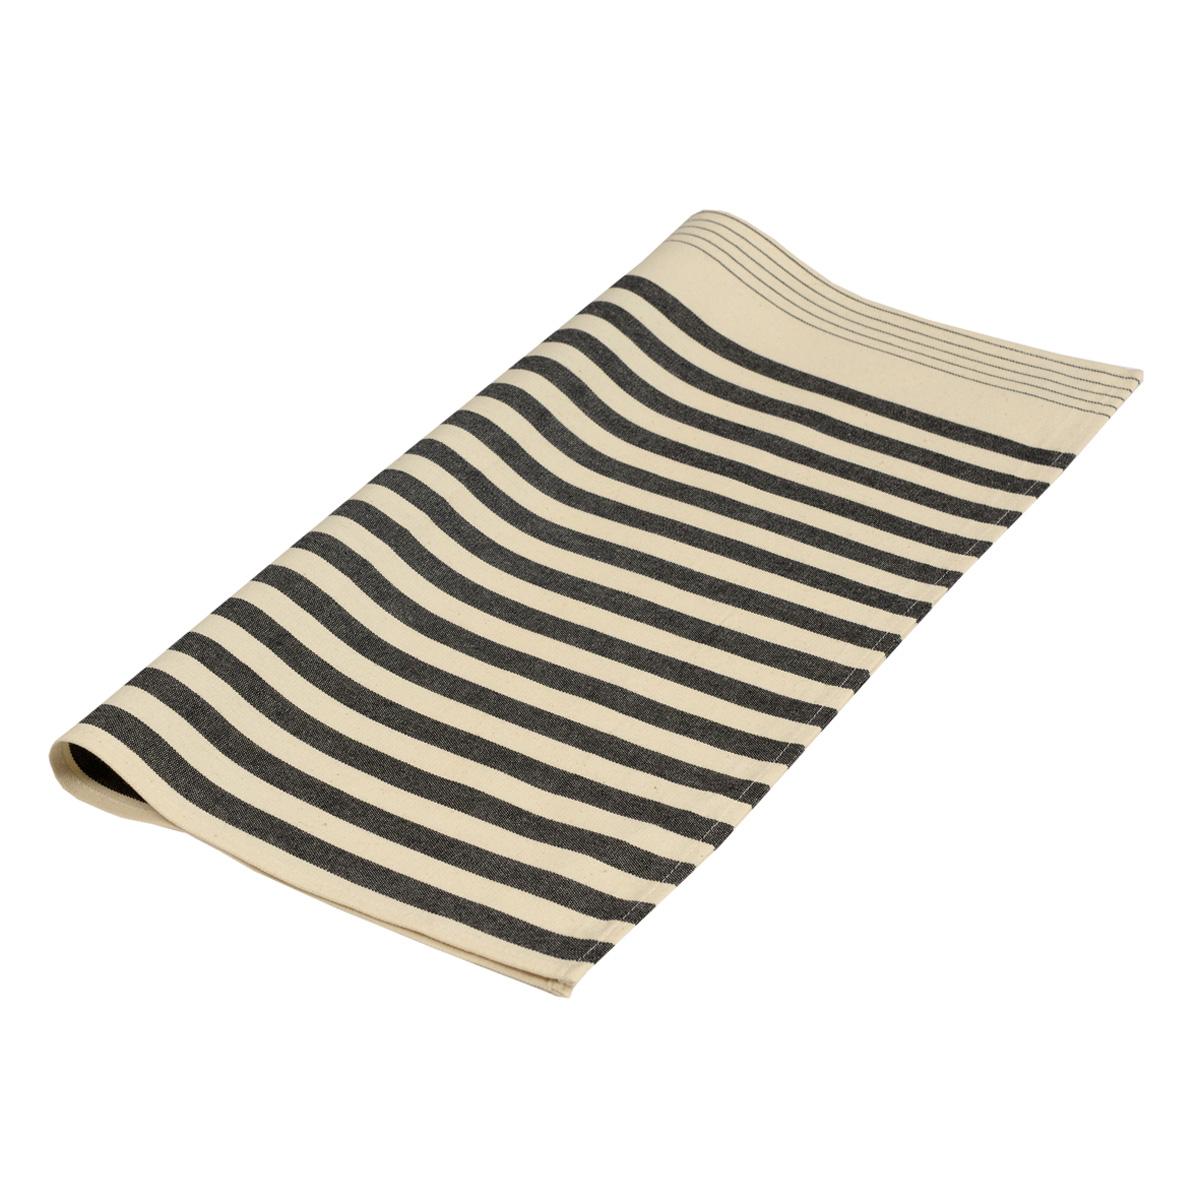 Serviette de table en coton ecru noir 50x50cm